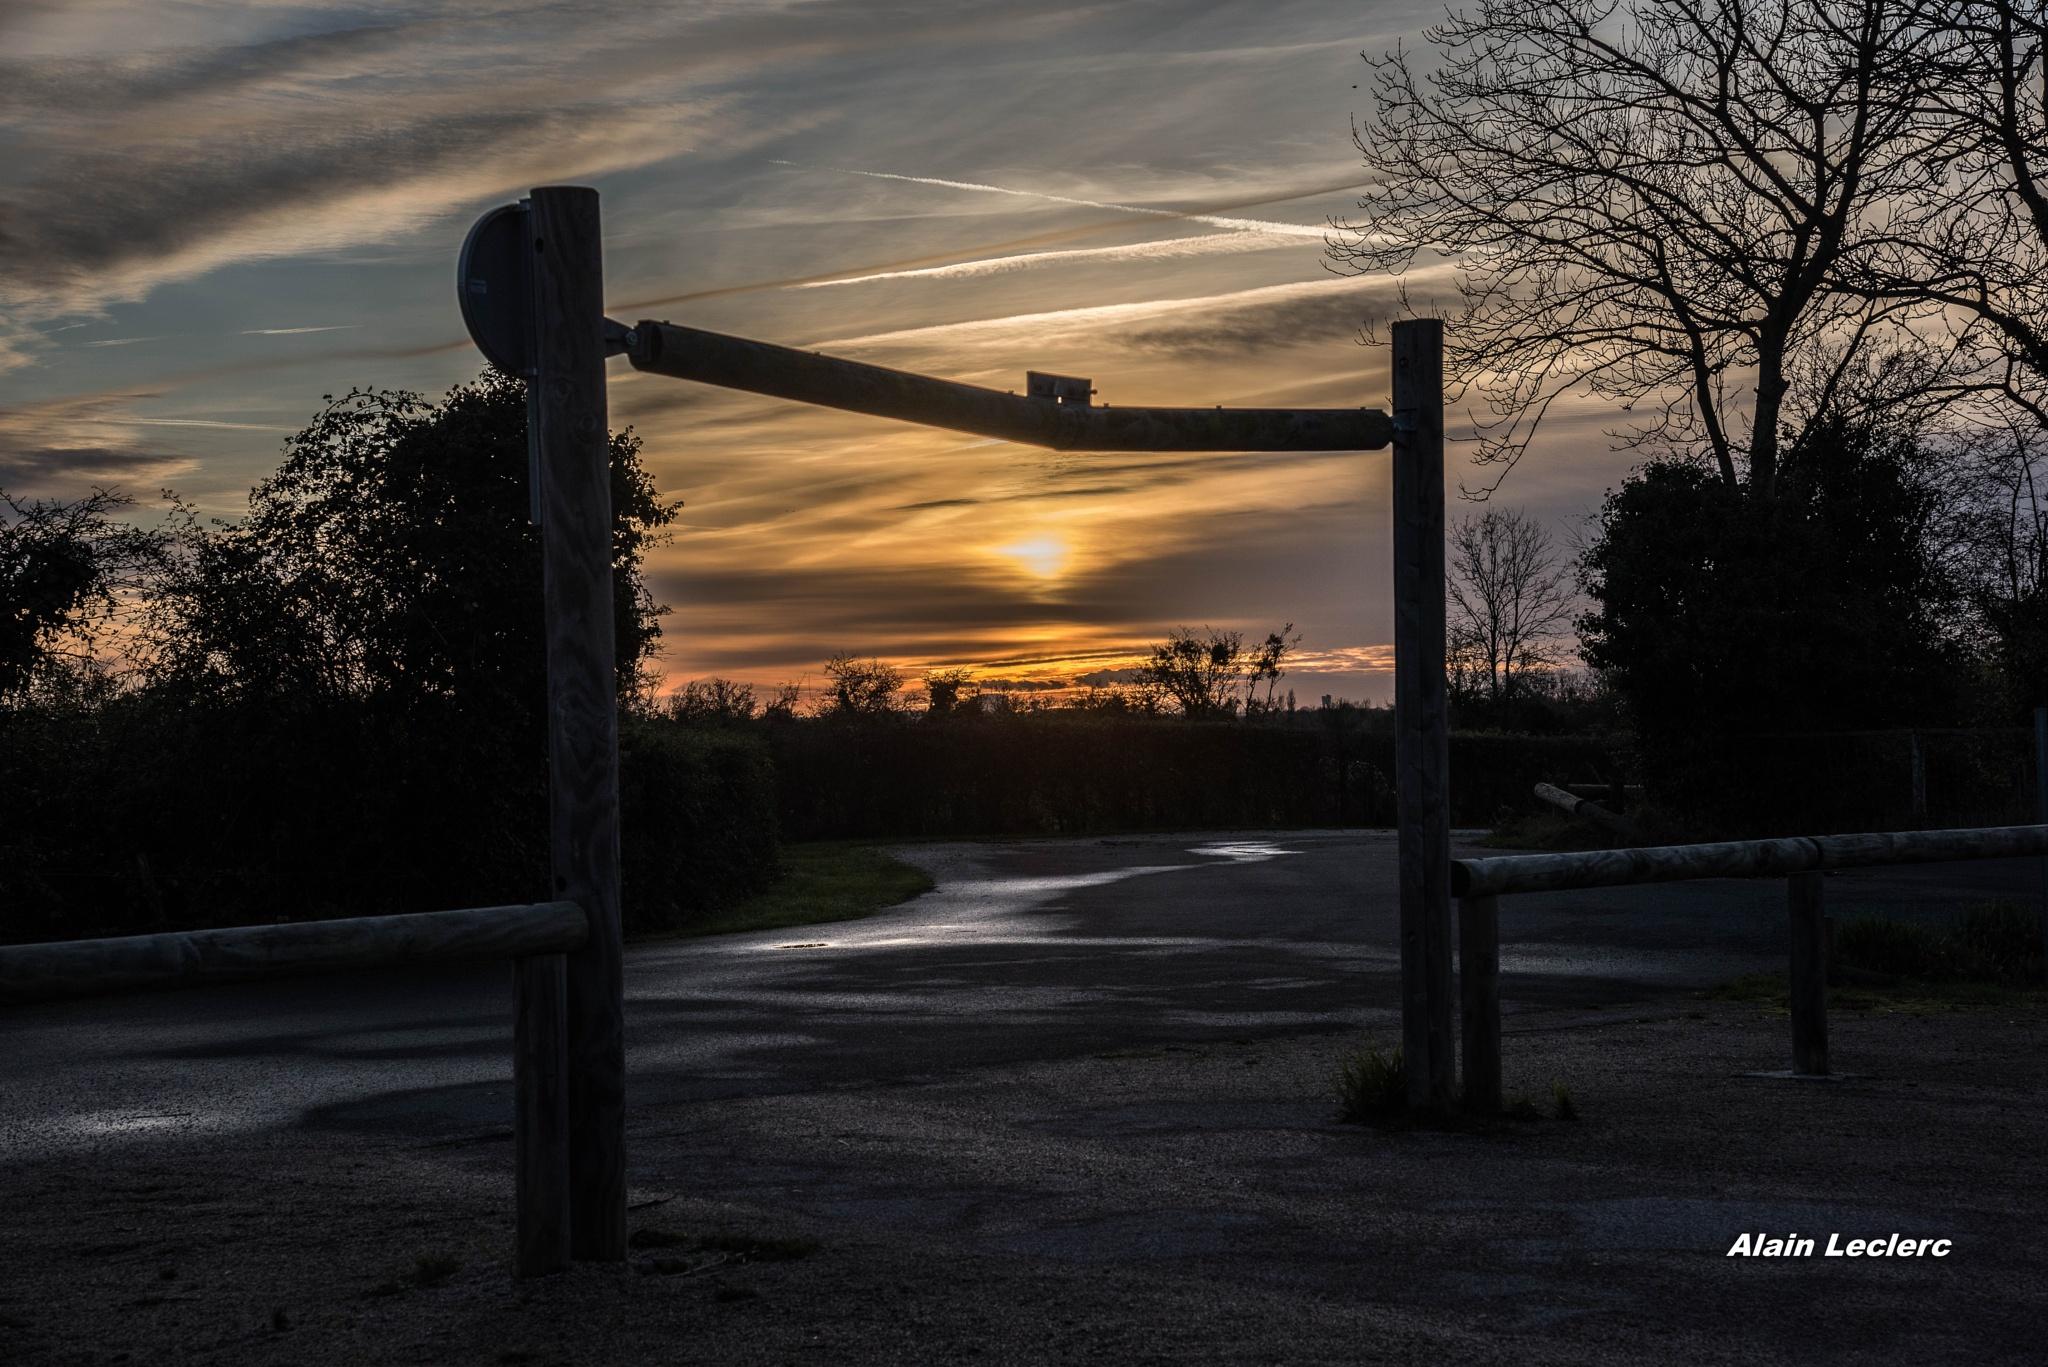 coucher de soleil maison de la nature Sallenelles (8221) by leclercalainmail